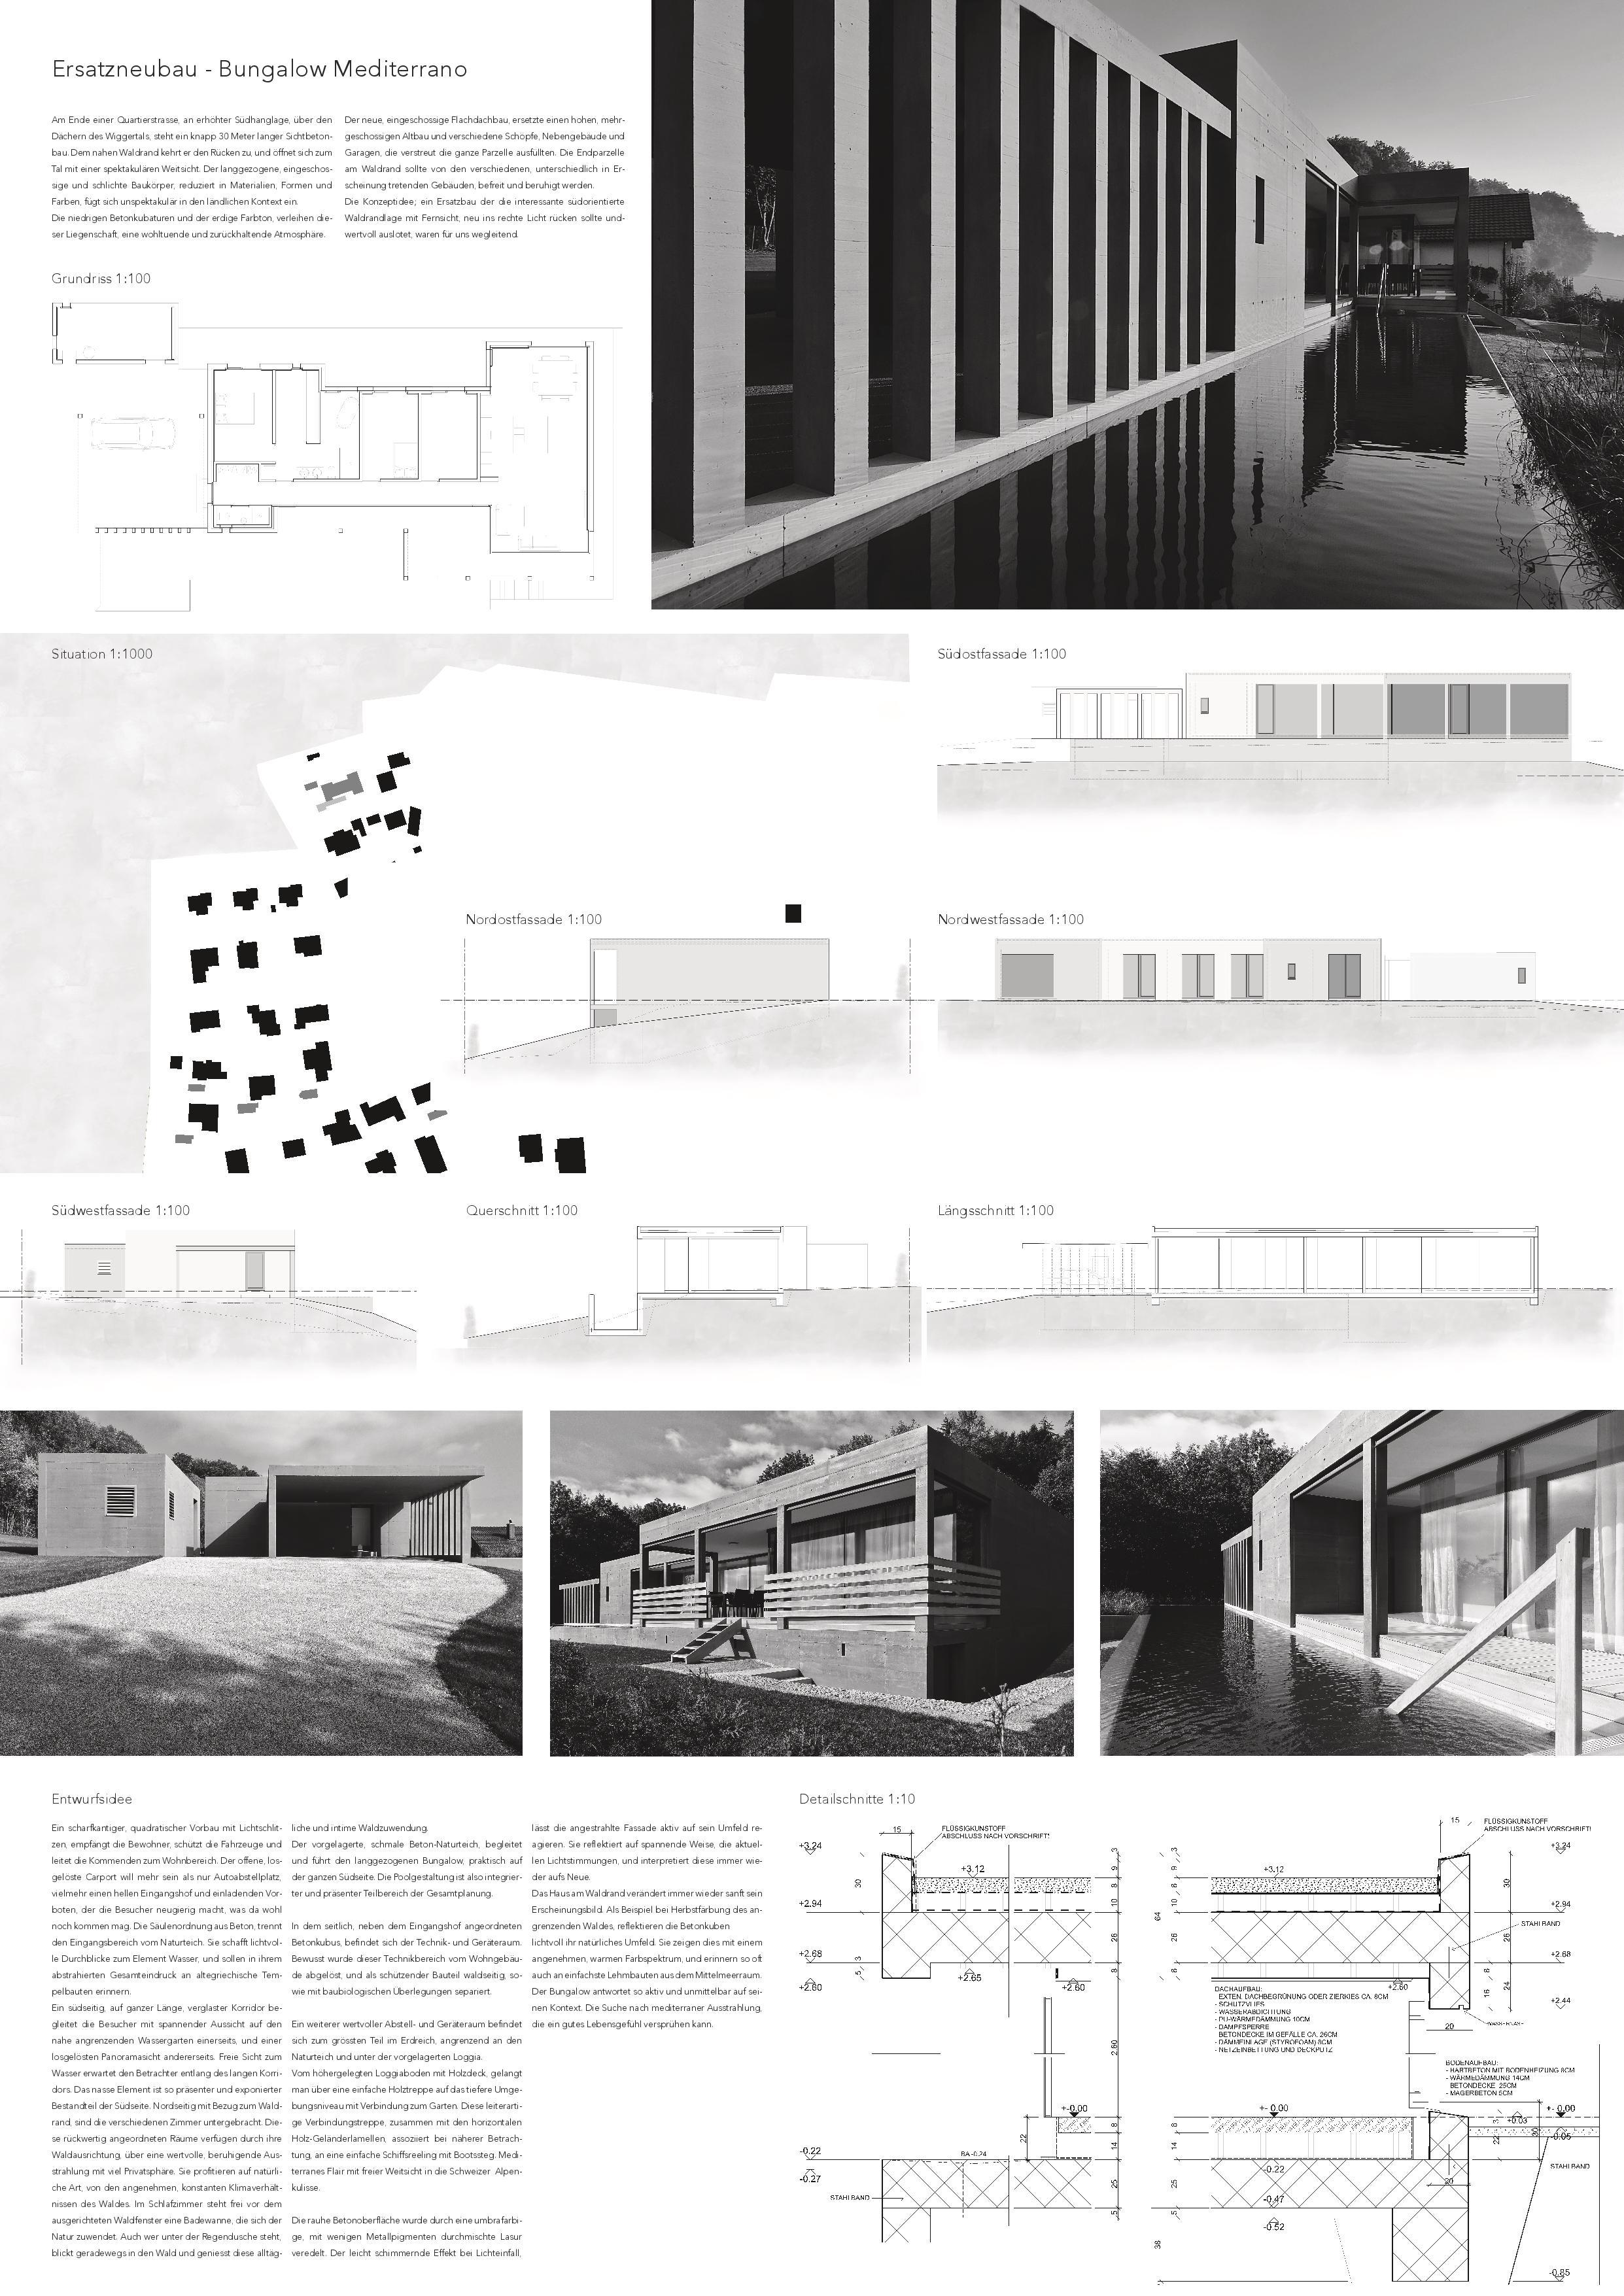 A0 Plakat Ersatzneubau - Bungalow Mediterrano von Studio Baumann